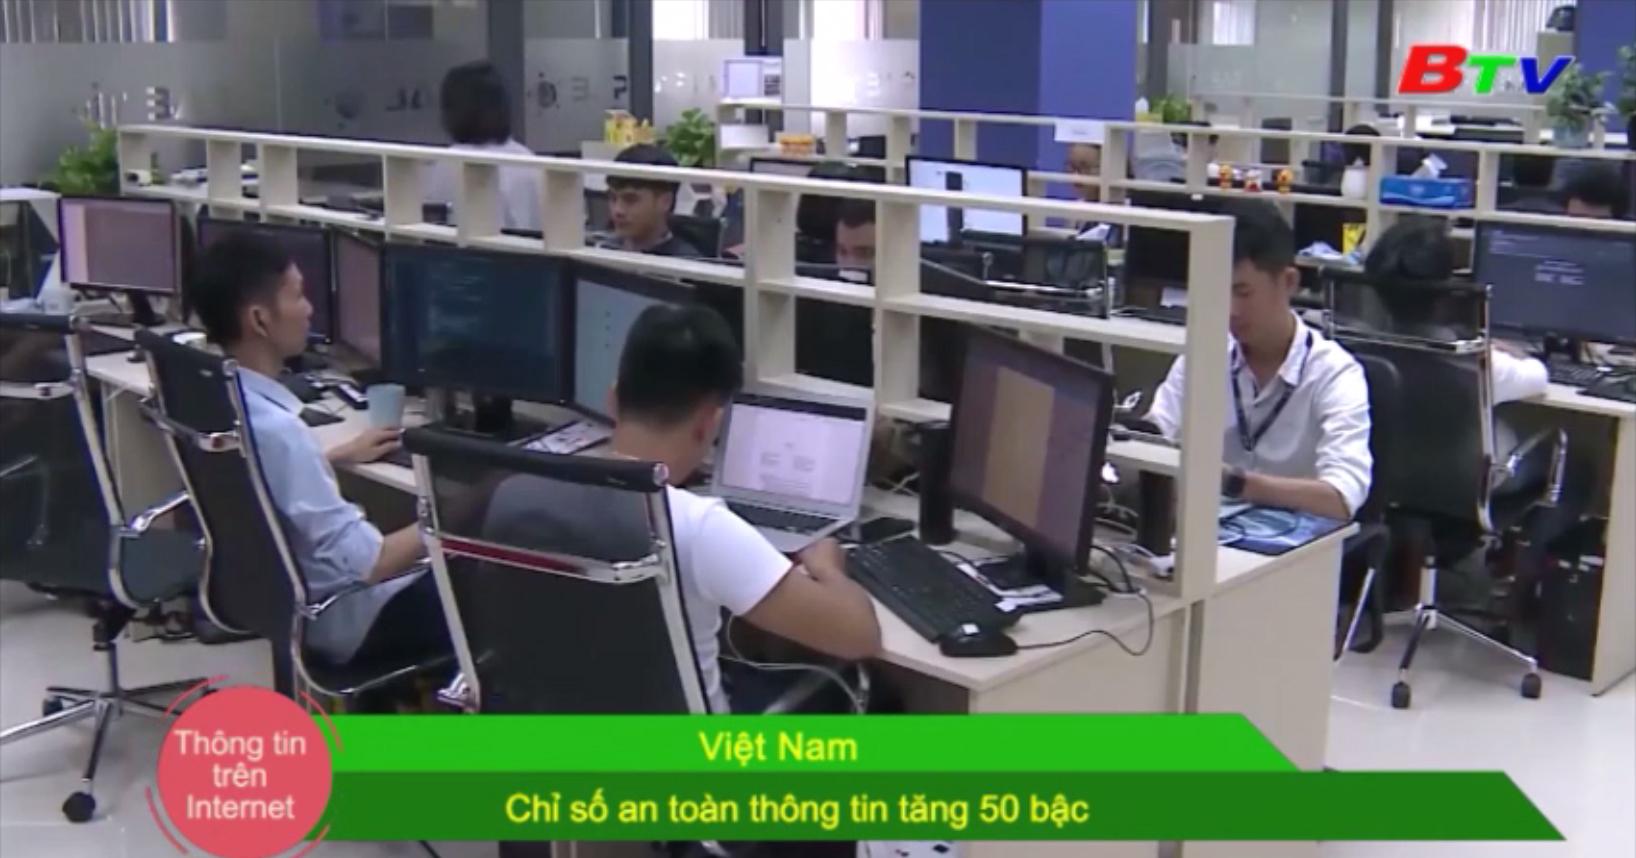 Việt Nam: Chỉ số an toàn thông tin tăng 50 bậc